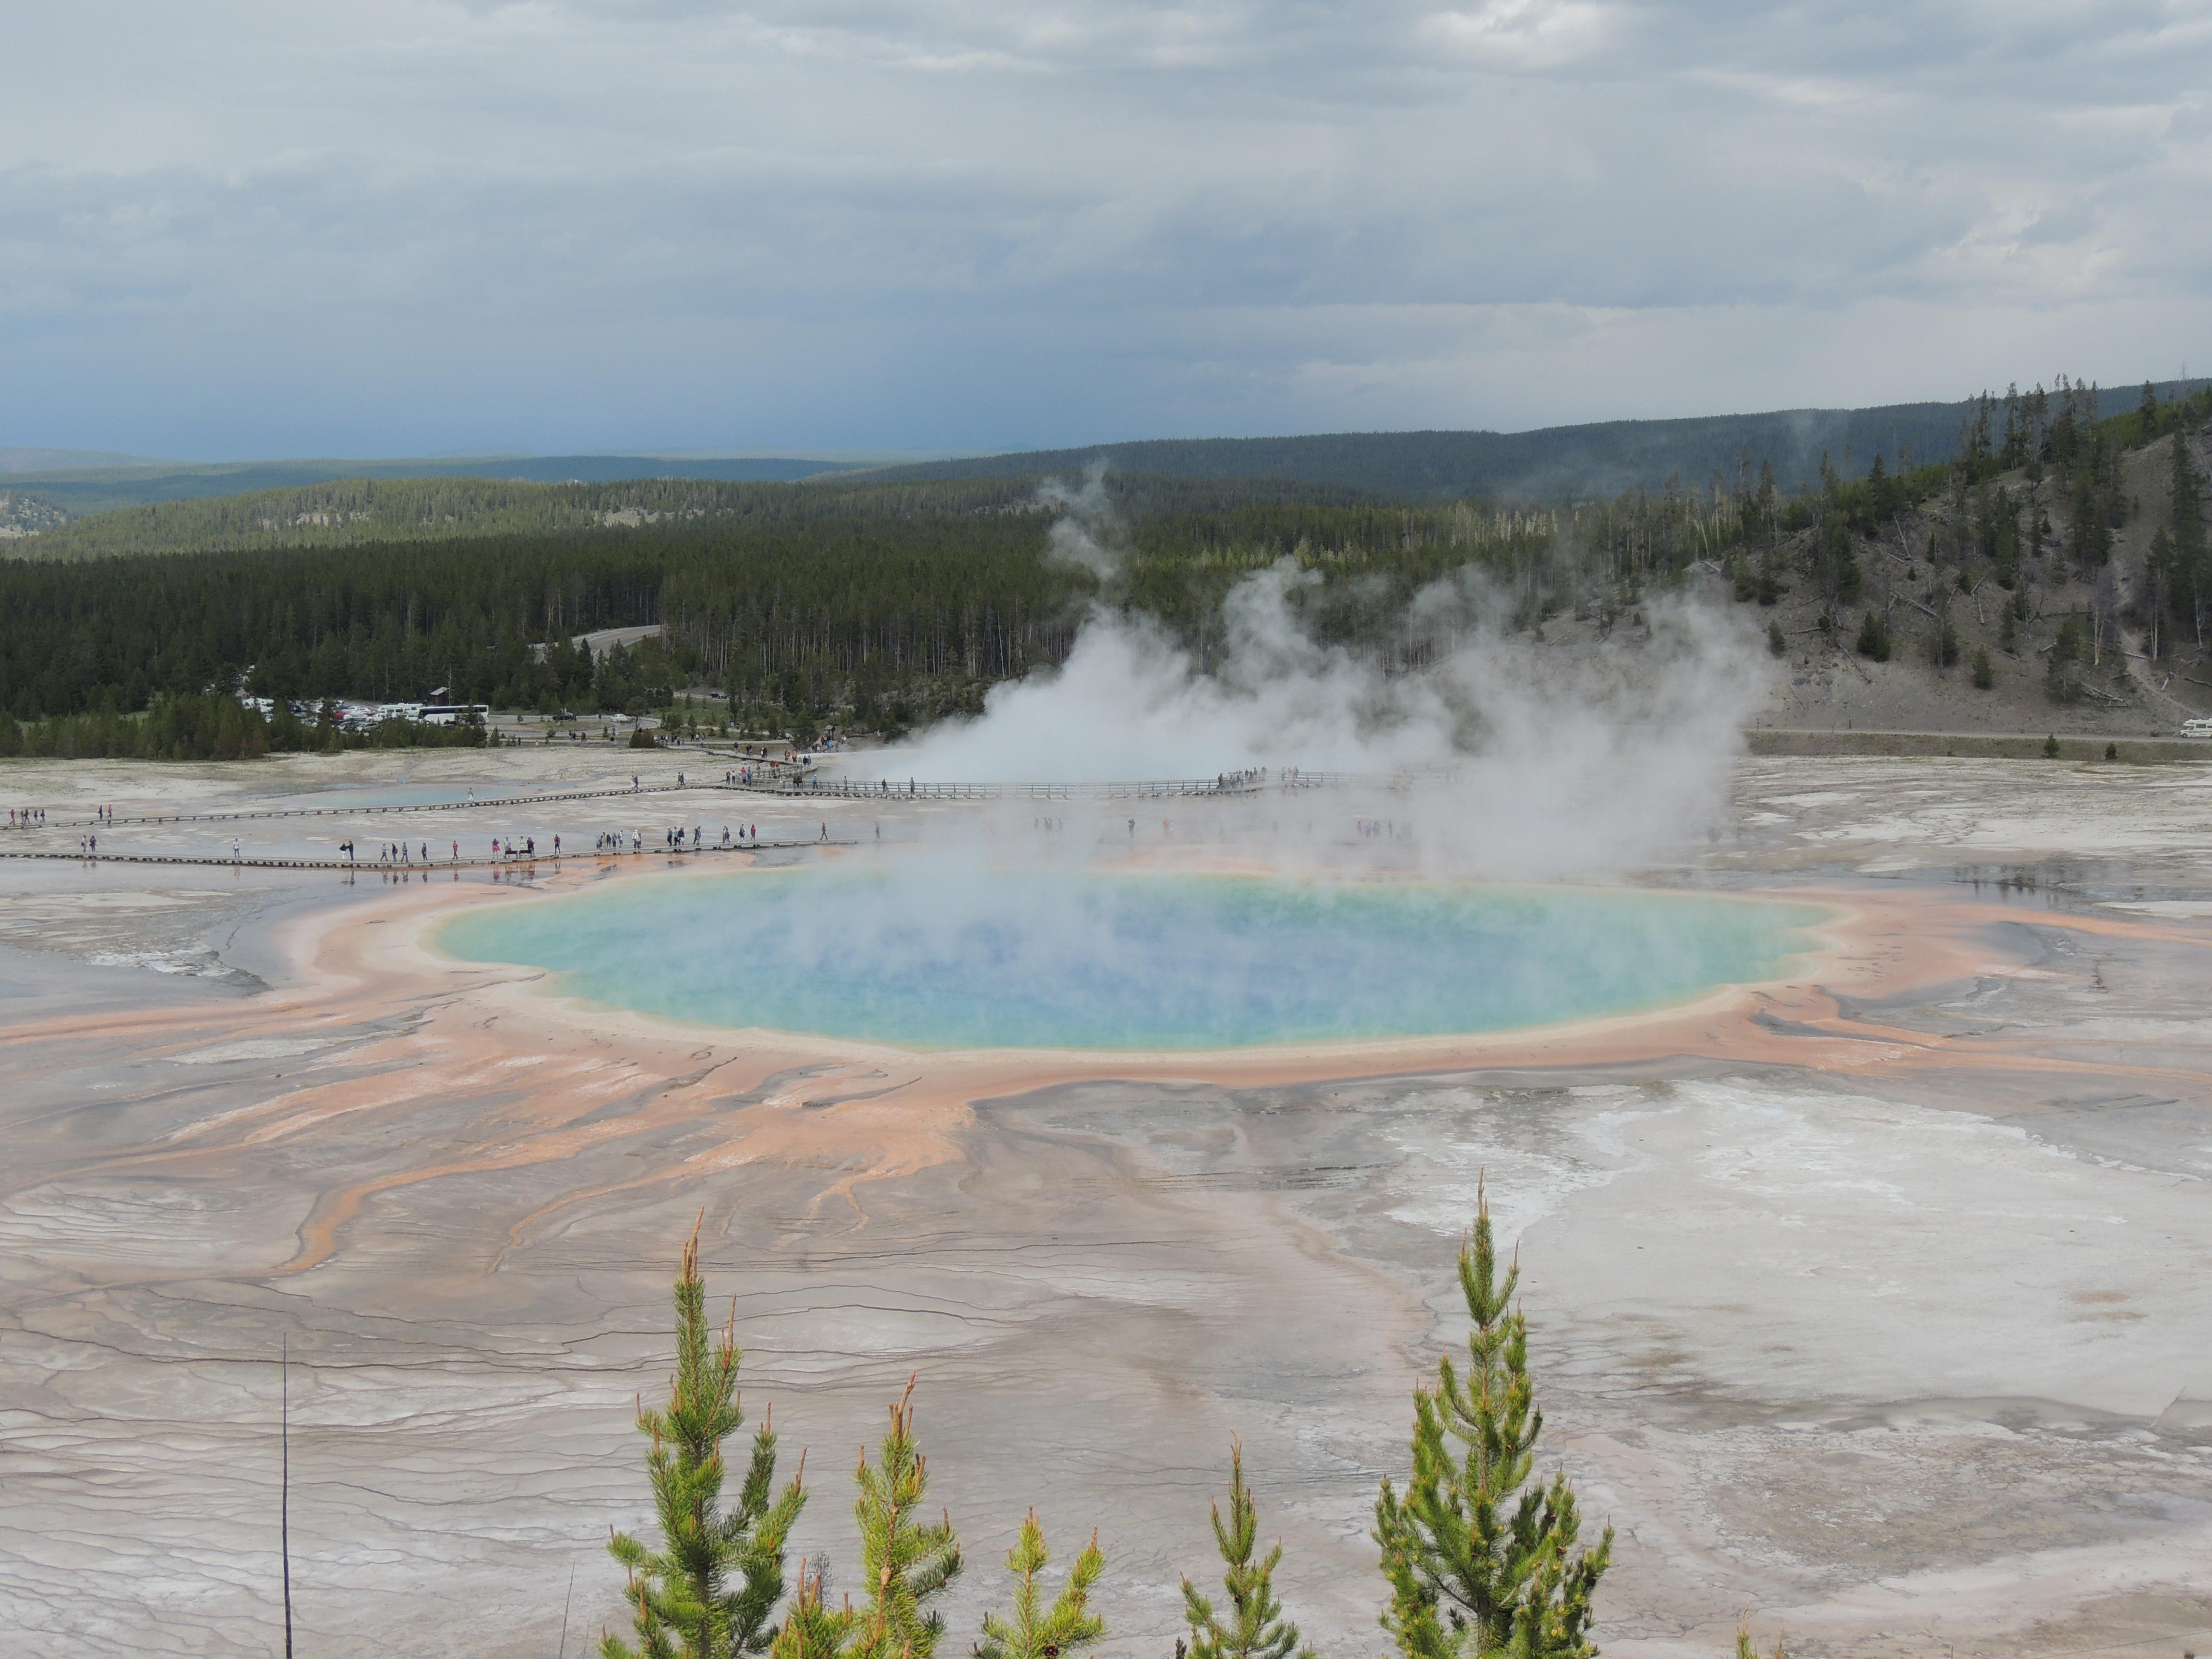 Parque Nacional de Yellowstone: fascinante e intrigante!